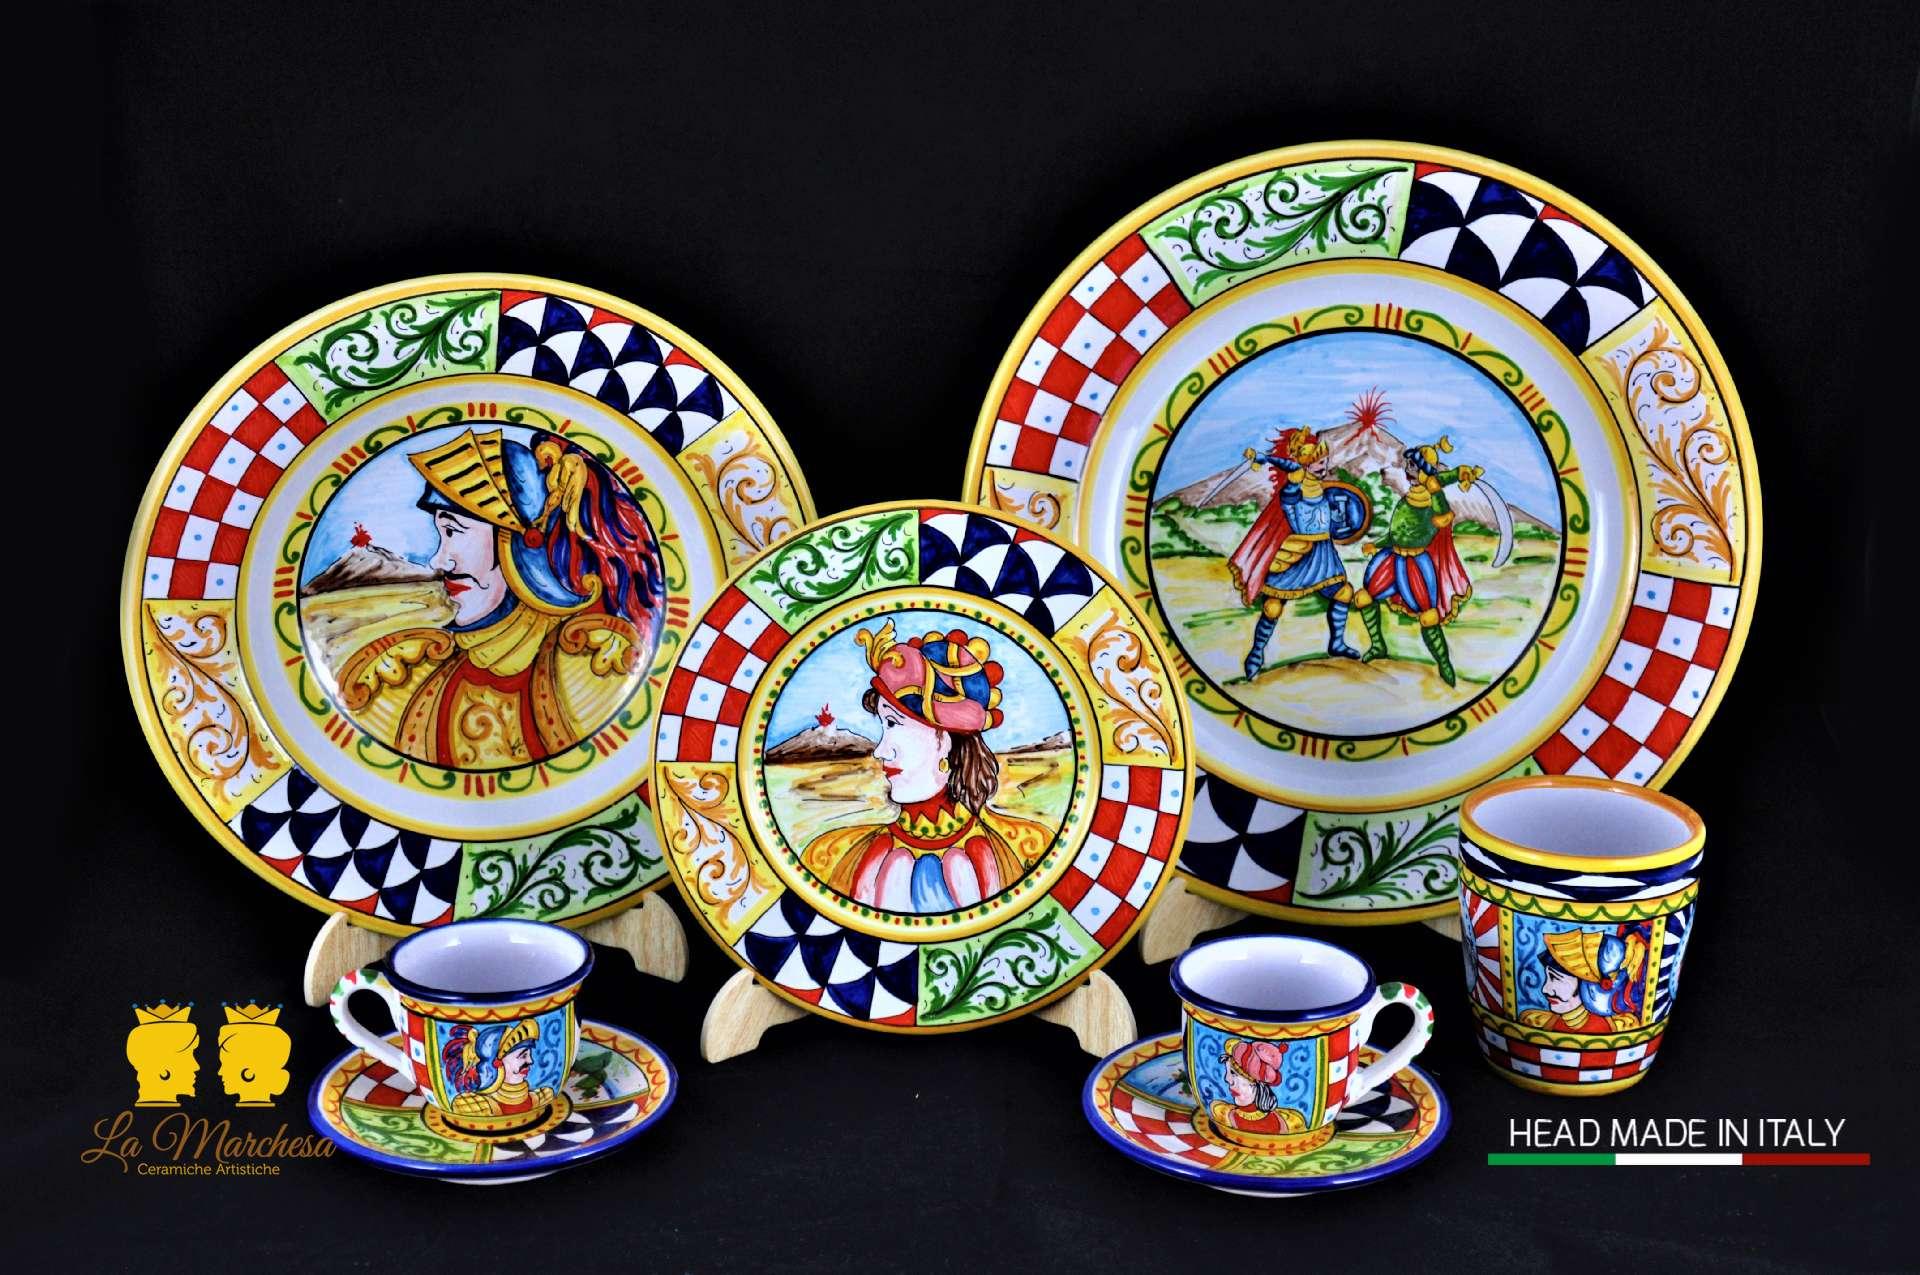 Piatti Ceramica Di Caltagirone.Servizio Piatti Paladini Siciliani 36 Pz La Marchesa Ceramiche